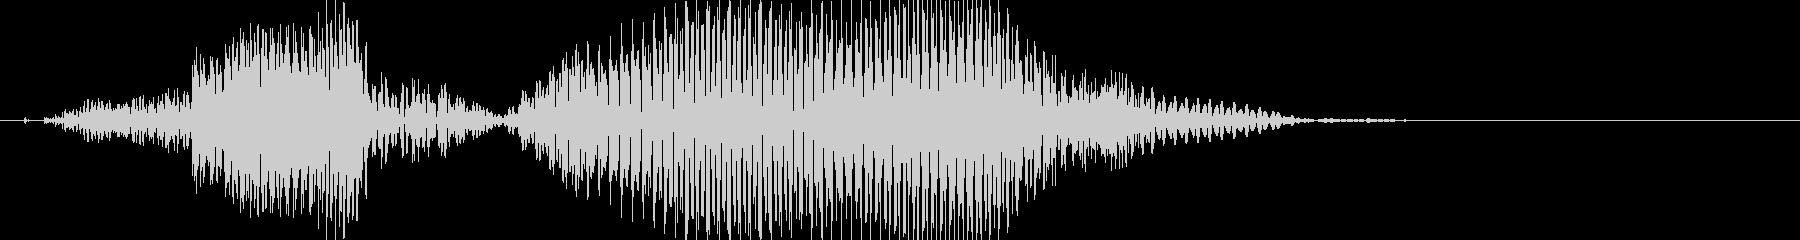 きゃっ!の未再生の波形